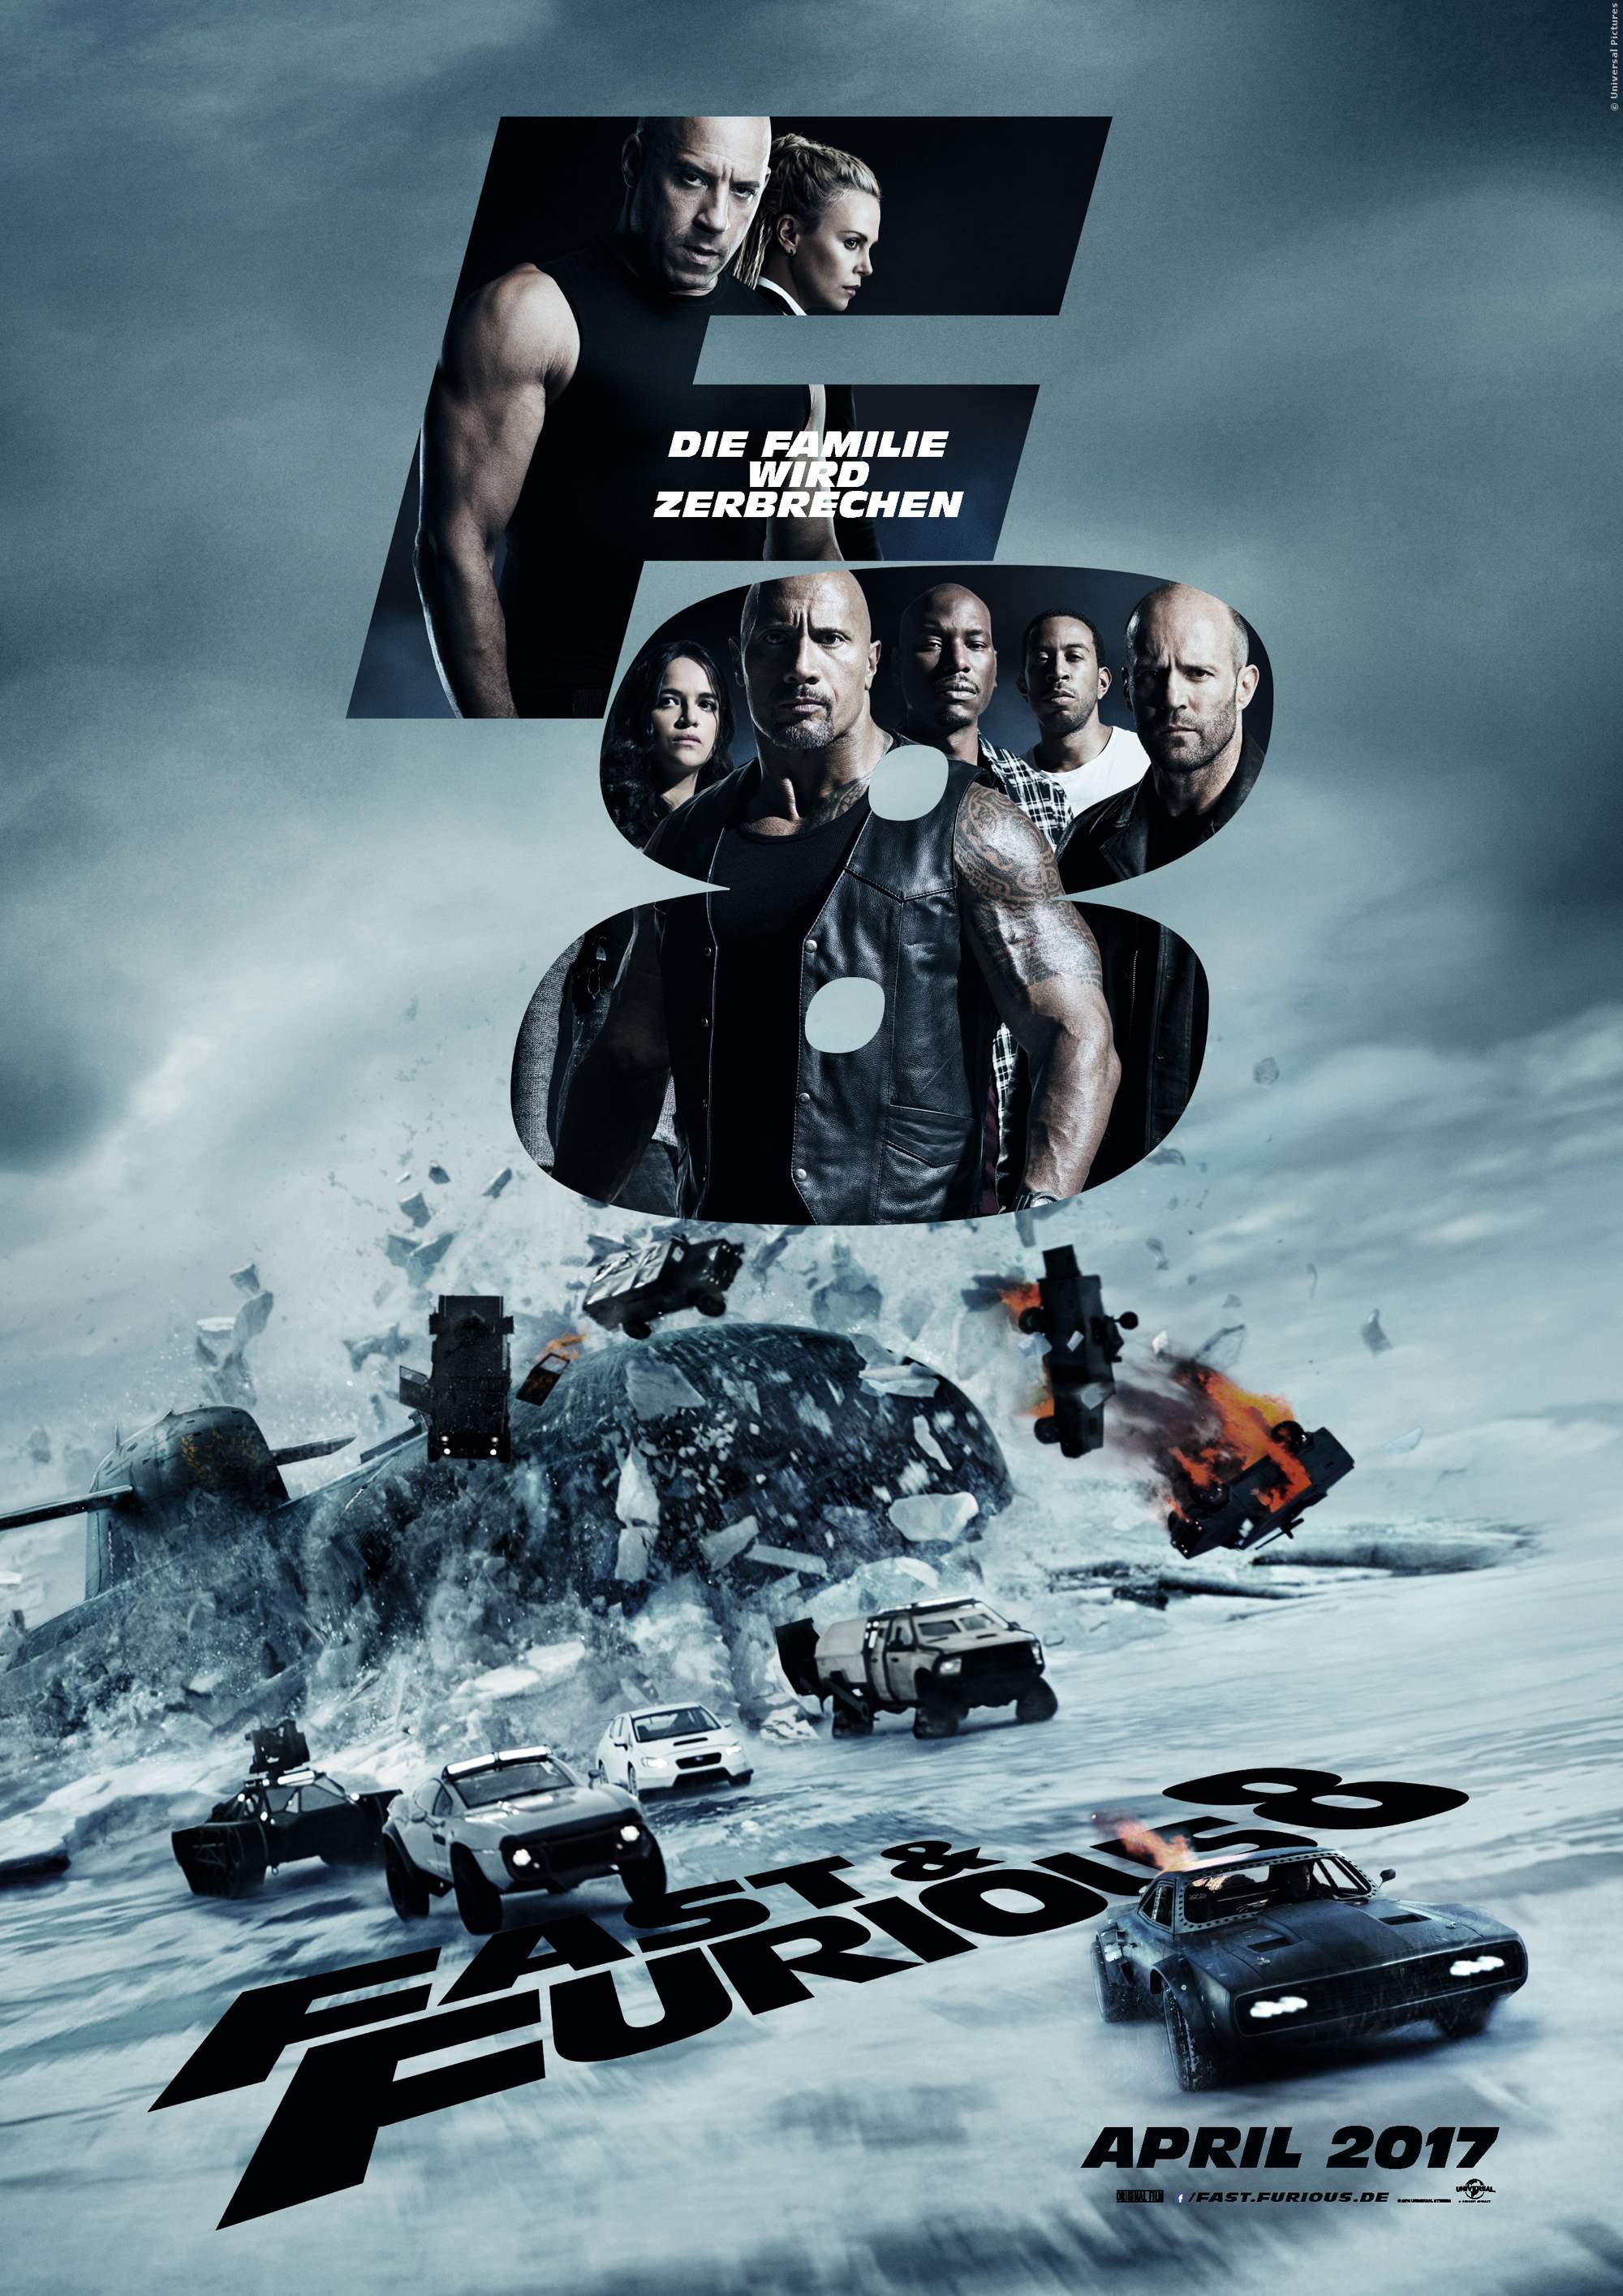 Fast And Furious 8-einhalb: Spin-Off mit Dwayne Johnson und Jason Staham kommt - Bild 1 von 1